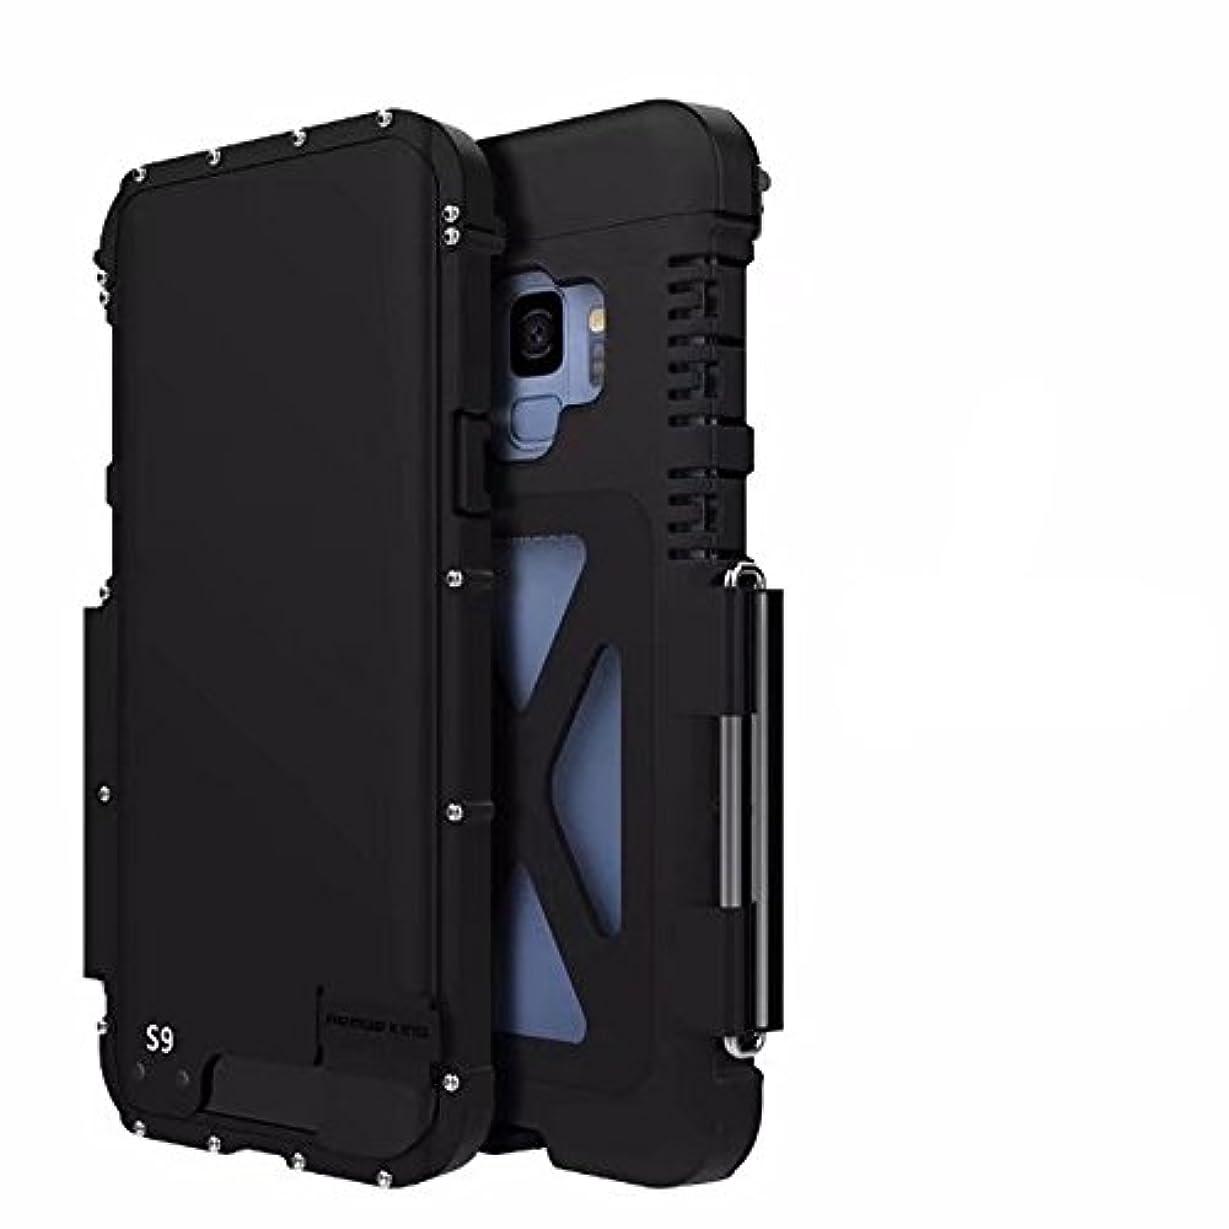 ストラップ経済不誠実【Nelson- JP 】R-JUST正規品 For Samsung Galaxy s9 アルミケース ギャラクシー手帳型 耐衝撃 耐震 防塵 耐久性ステンレス合金カバーバンパー (Galaxy s9, ブラック)